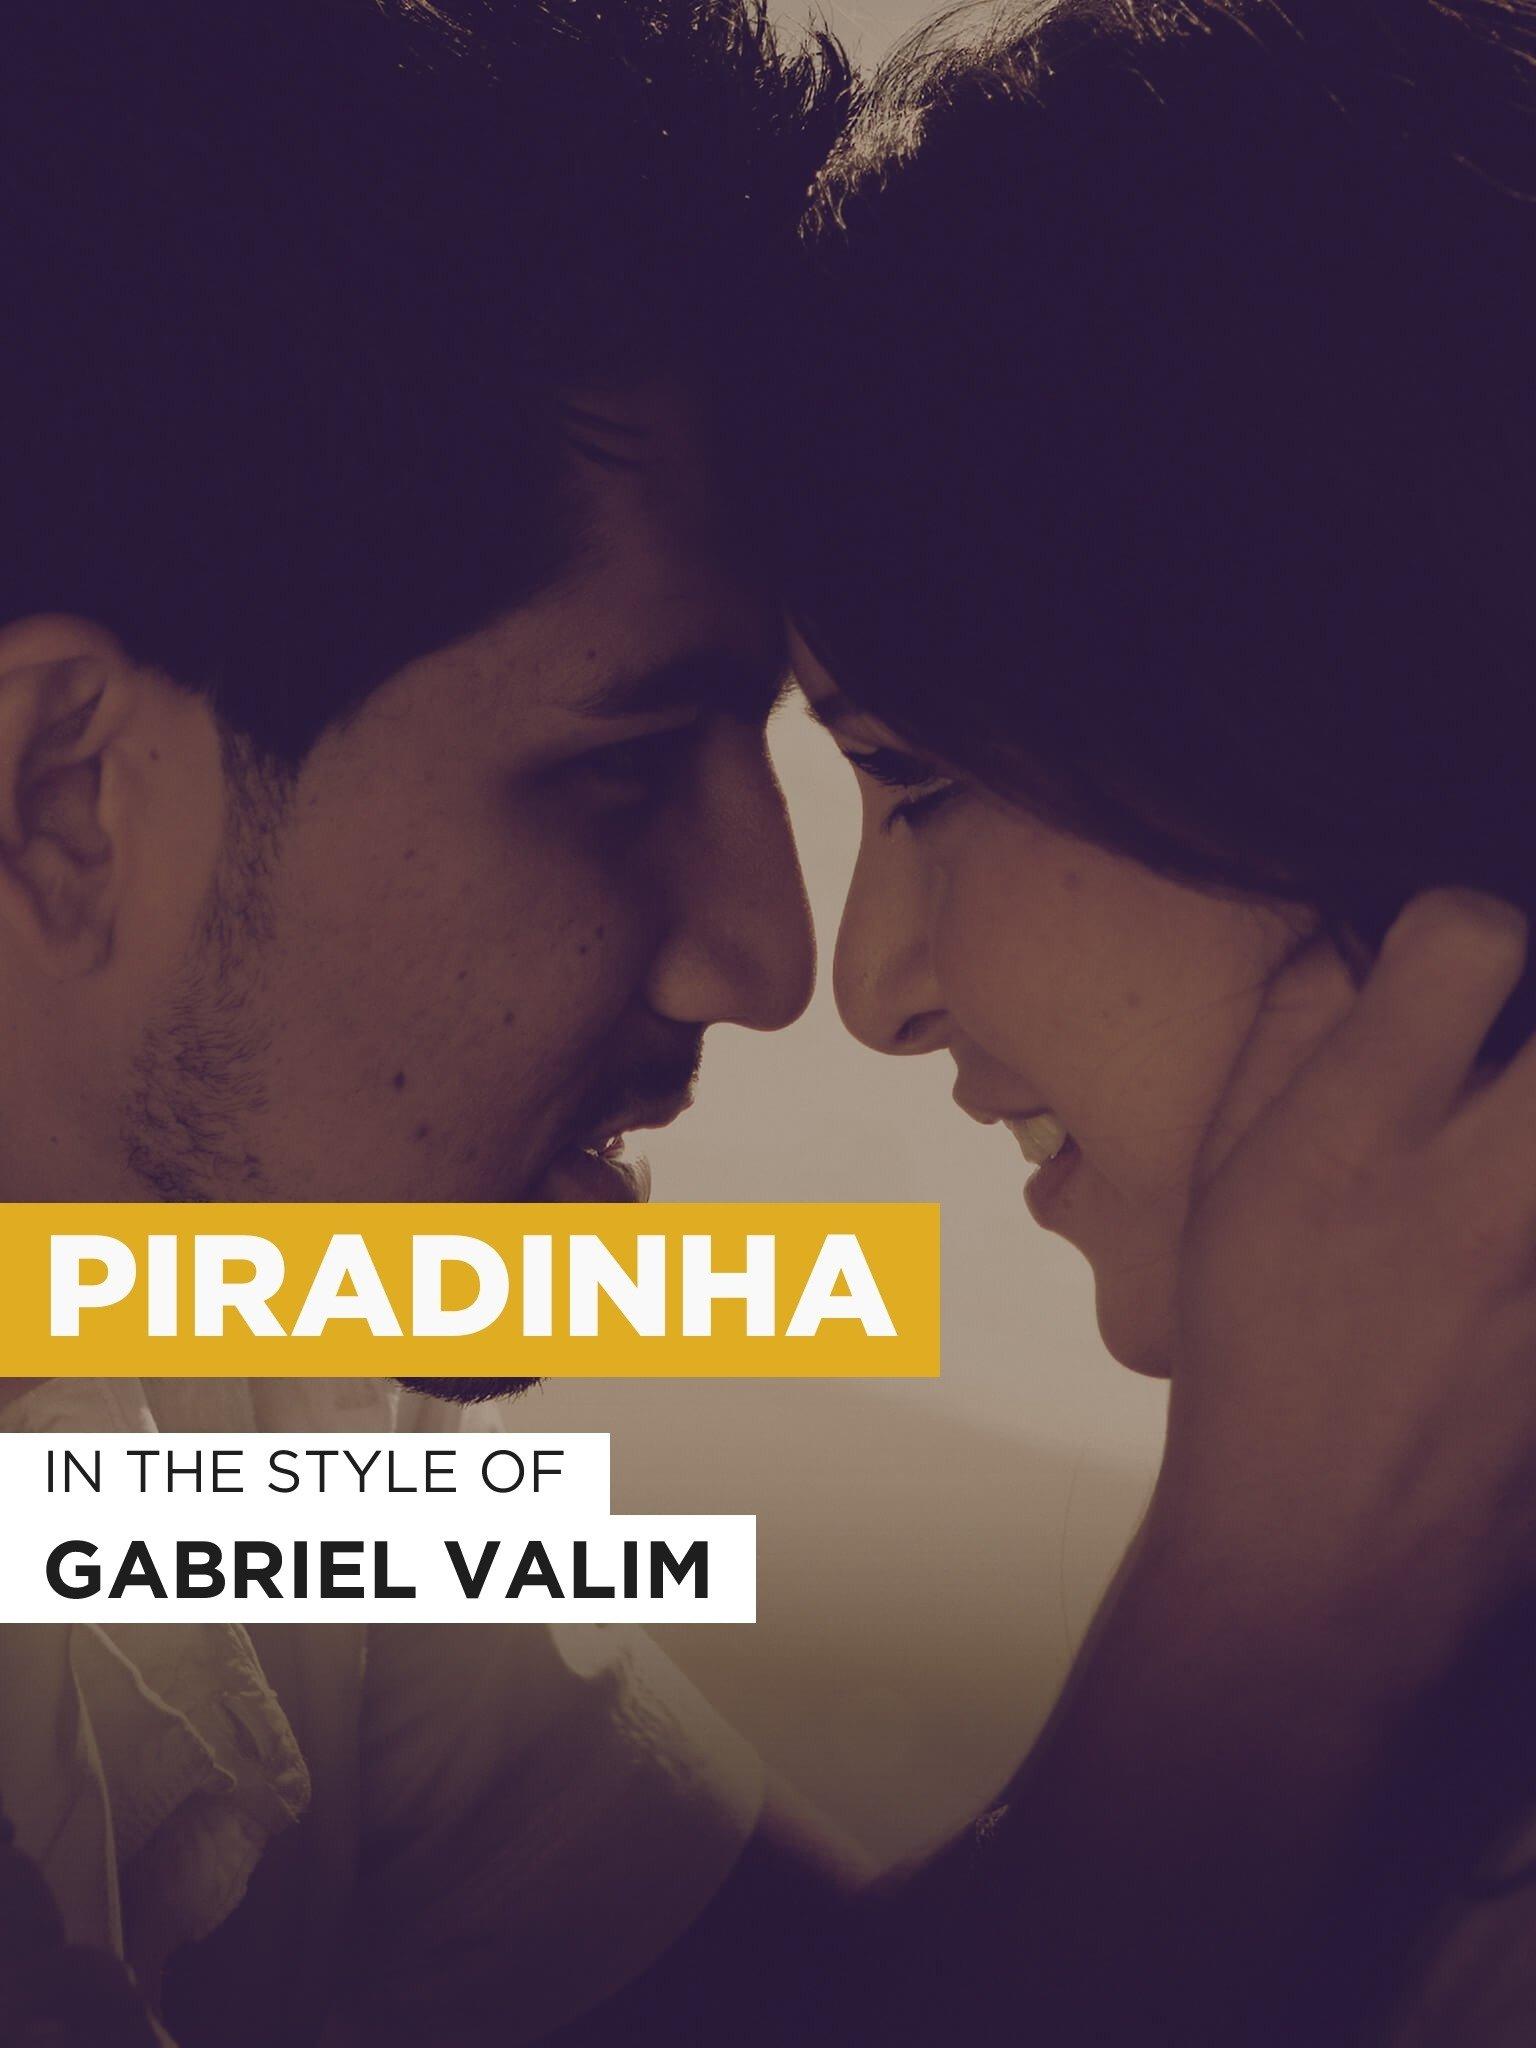 PIRADINHA COM VALIM GABRIEL MUSICA A BAIXAR